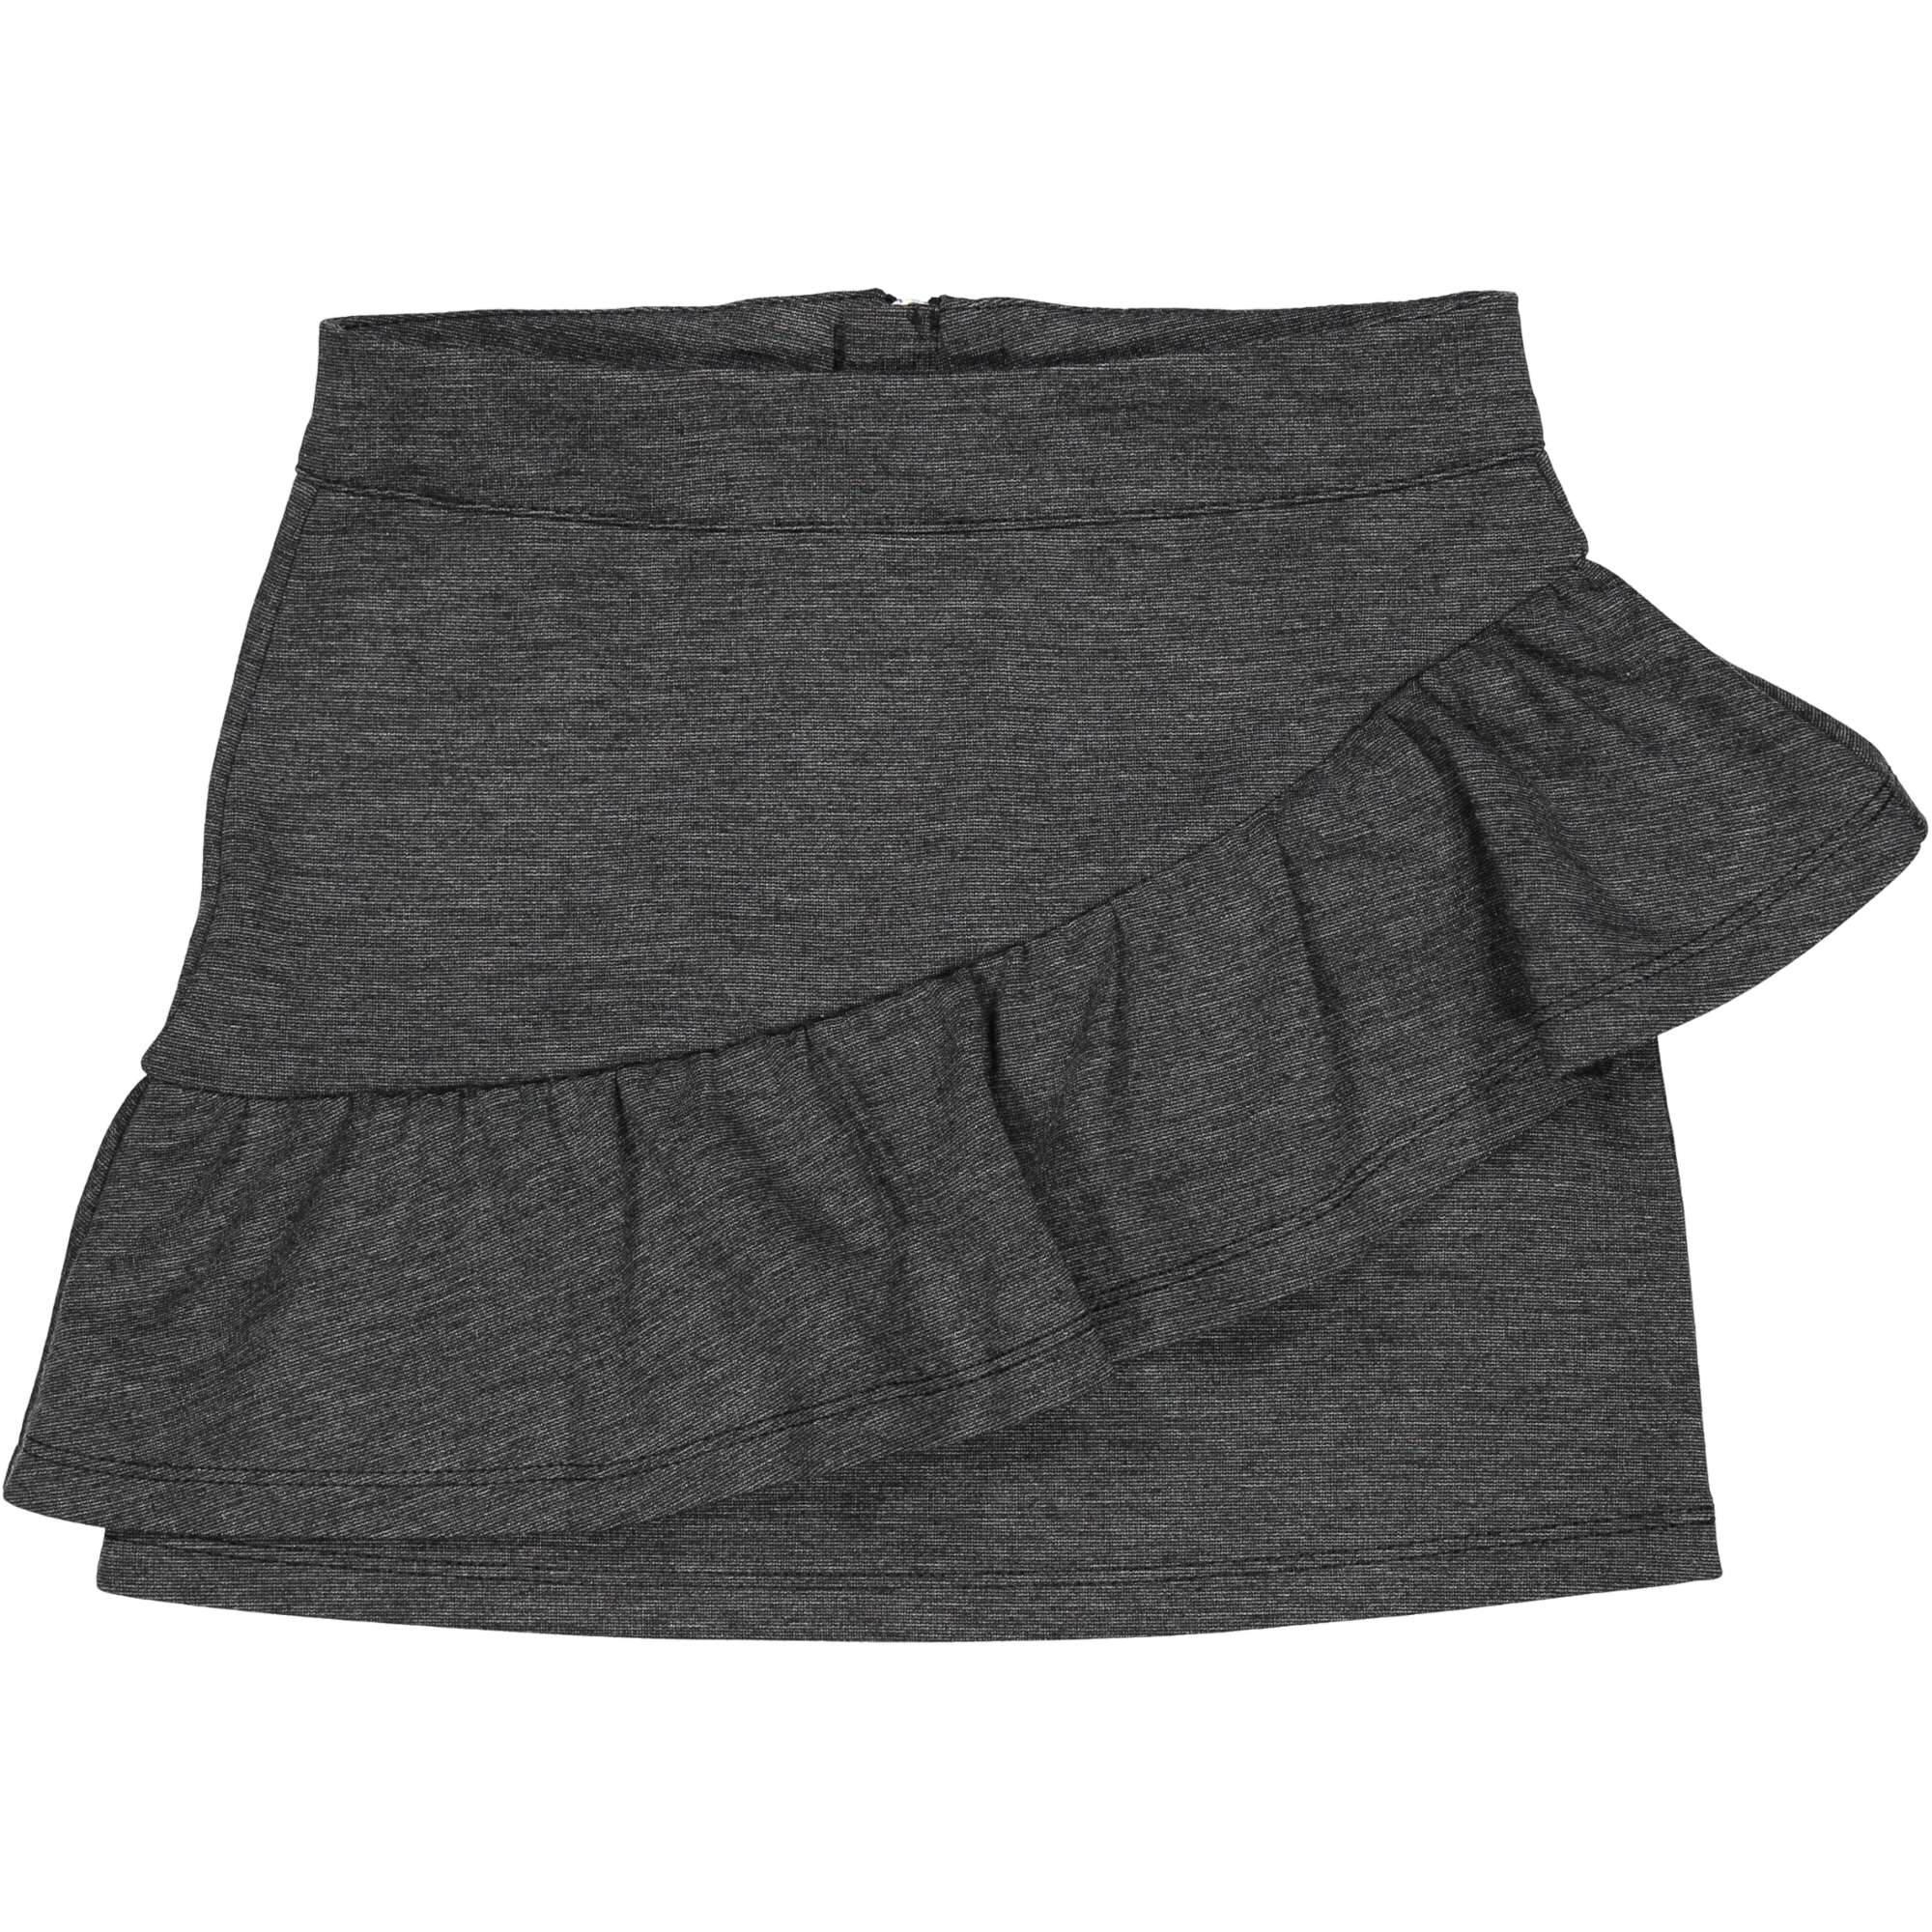 8e1048f98d Encuentre el mejor fabricante de fotos de nenas en faldas cortas calientes  y fotos de nenas en faldas cortas calientes para el mercado de hablantes de  ...